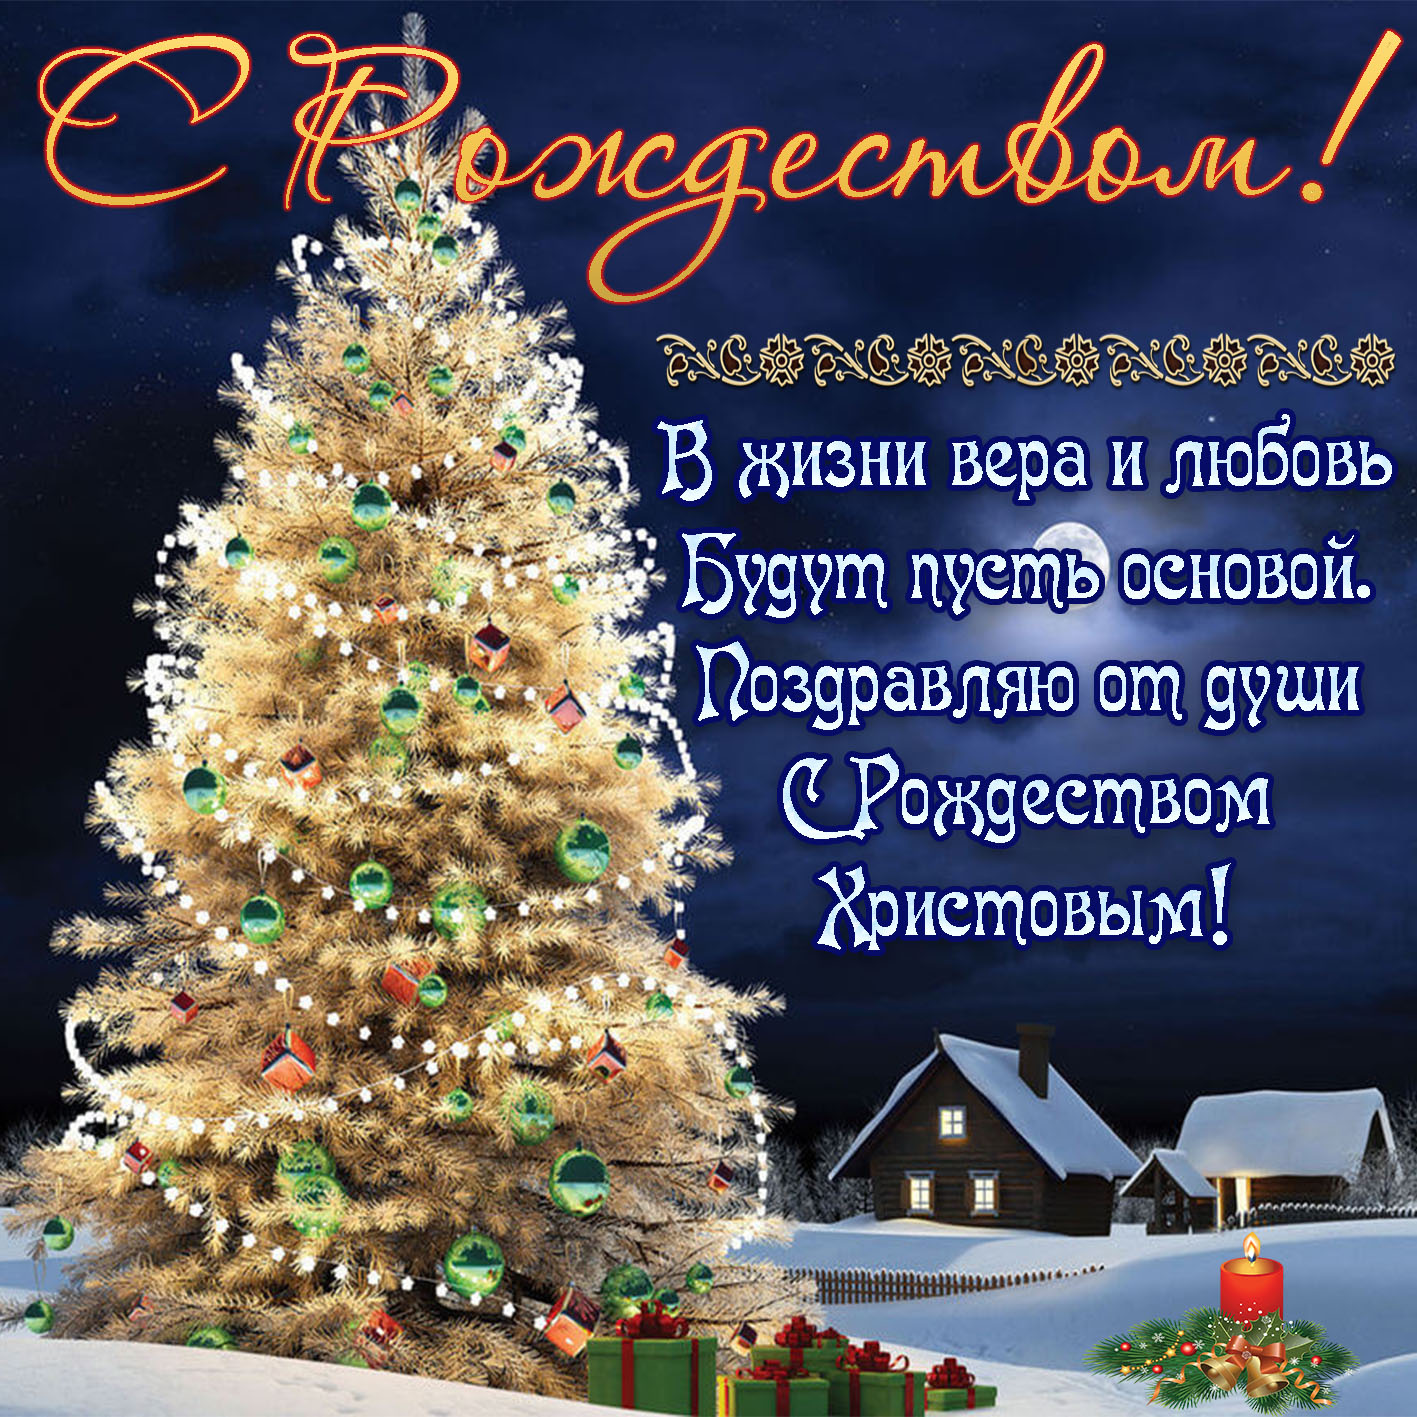 https://bonnycards.ru/images/rozhdestvo/rozhdestvo0021.jpg